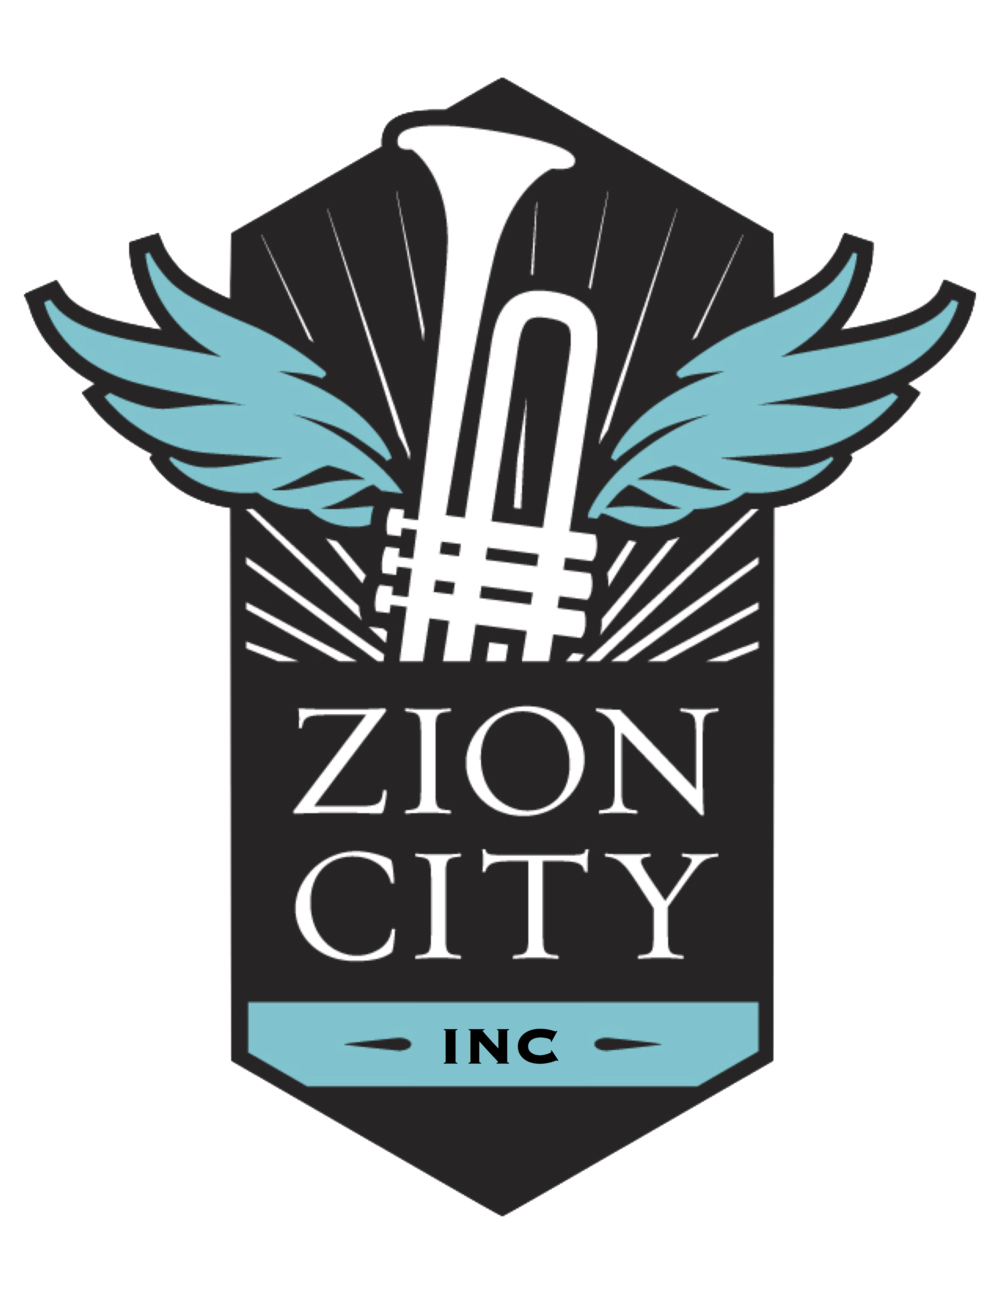 Zion City Inc PNG.png